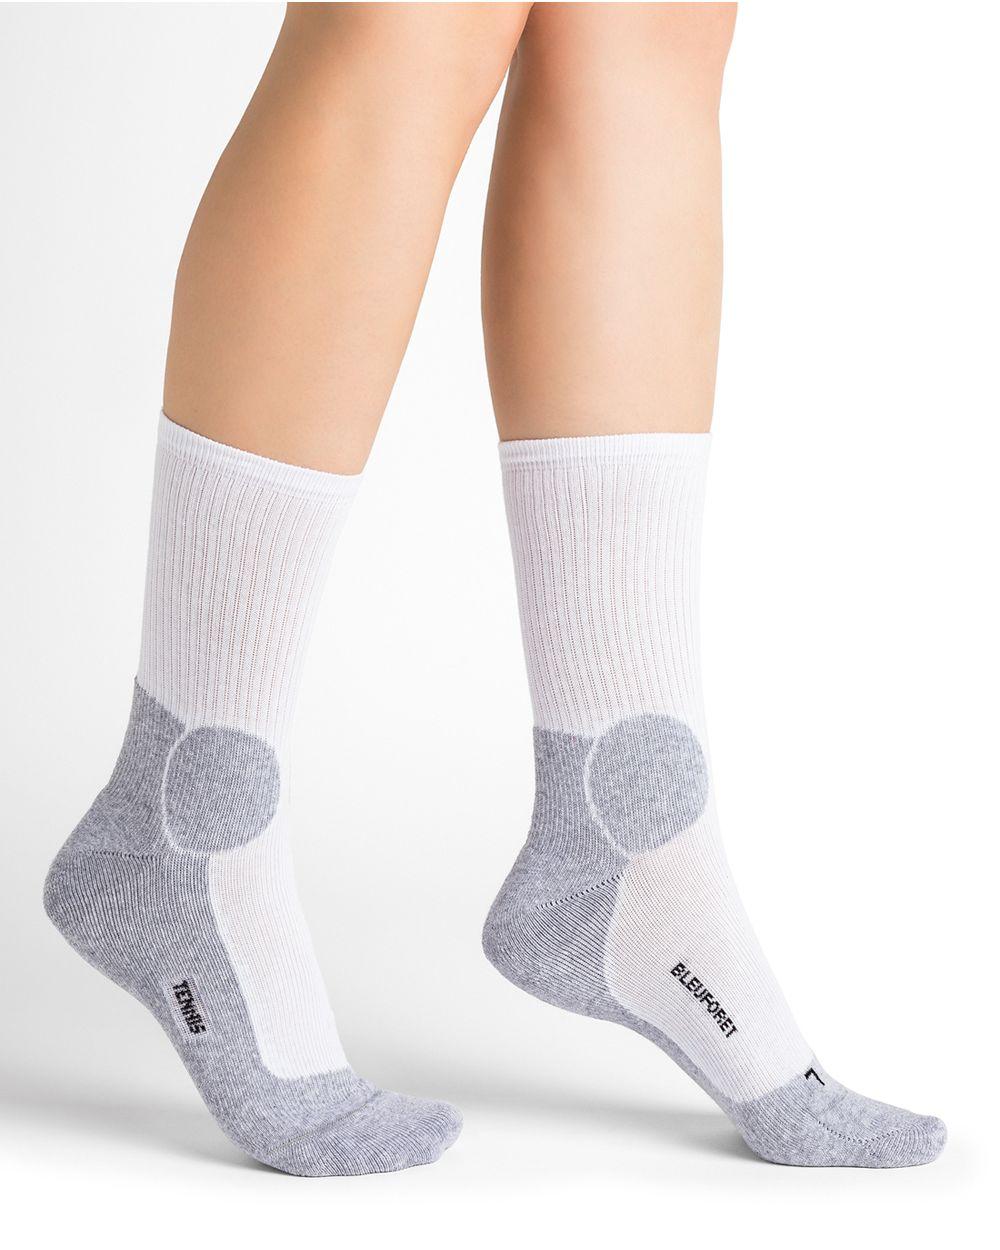 Tennis Socks - Unisex